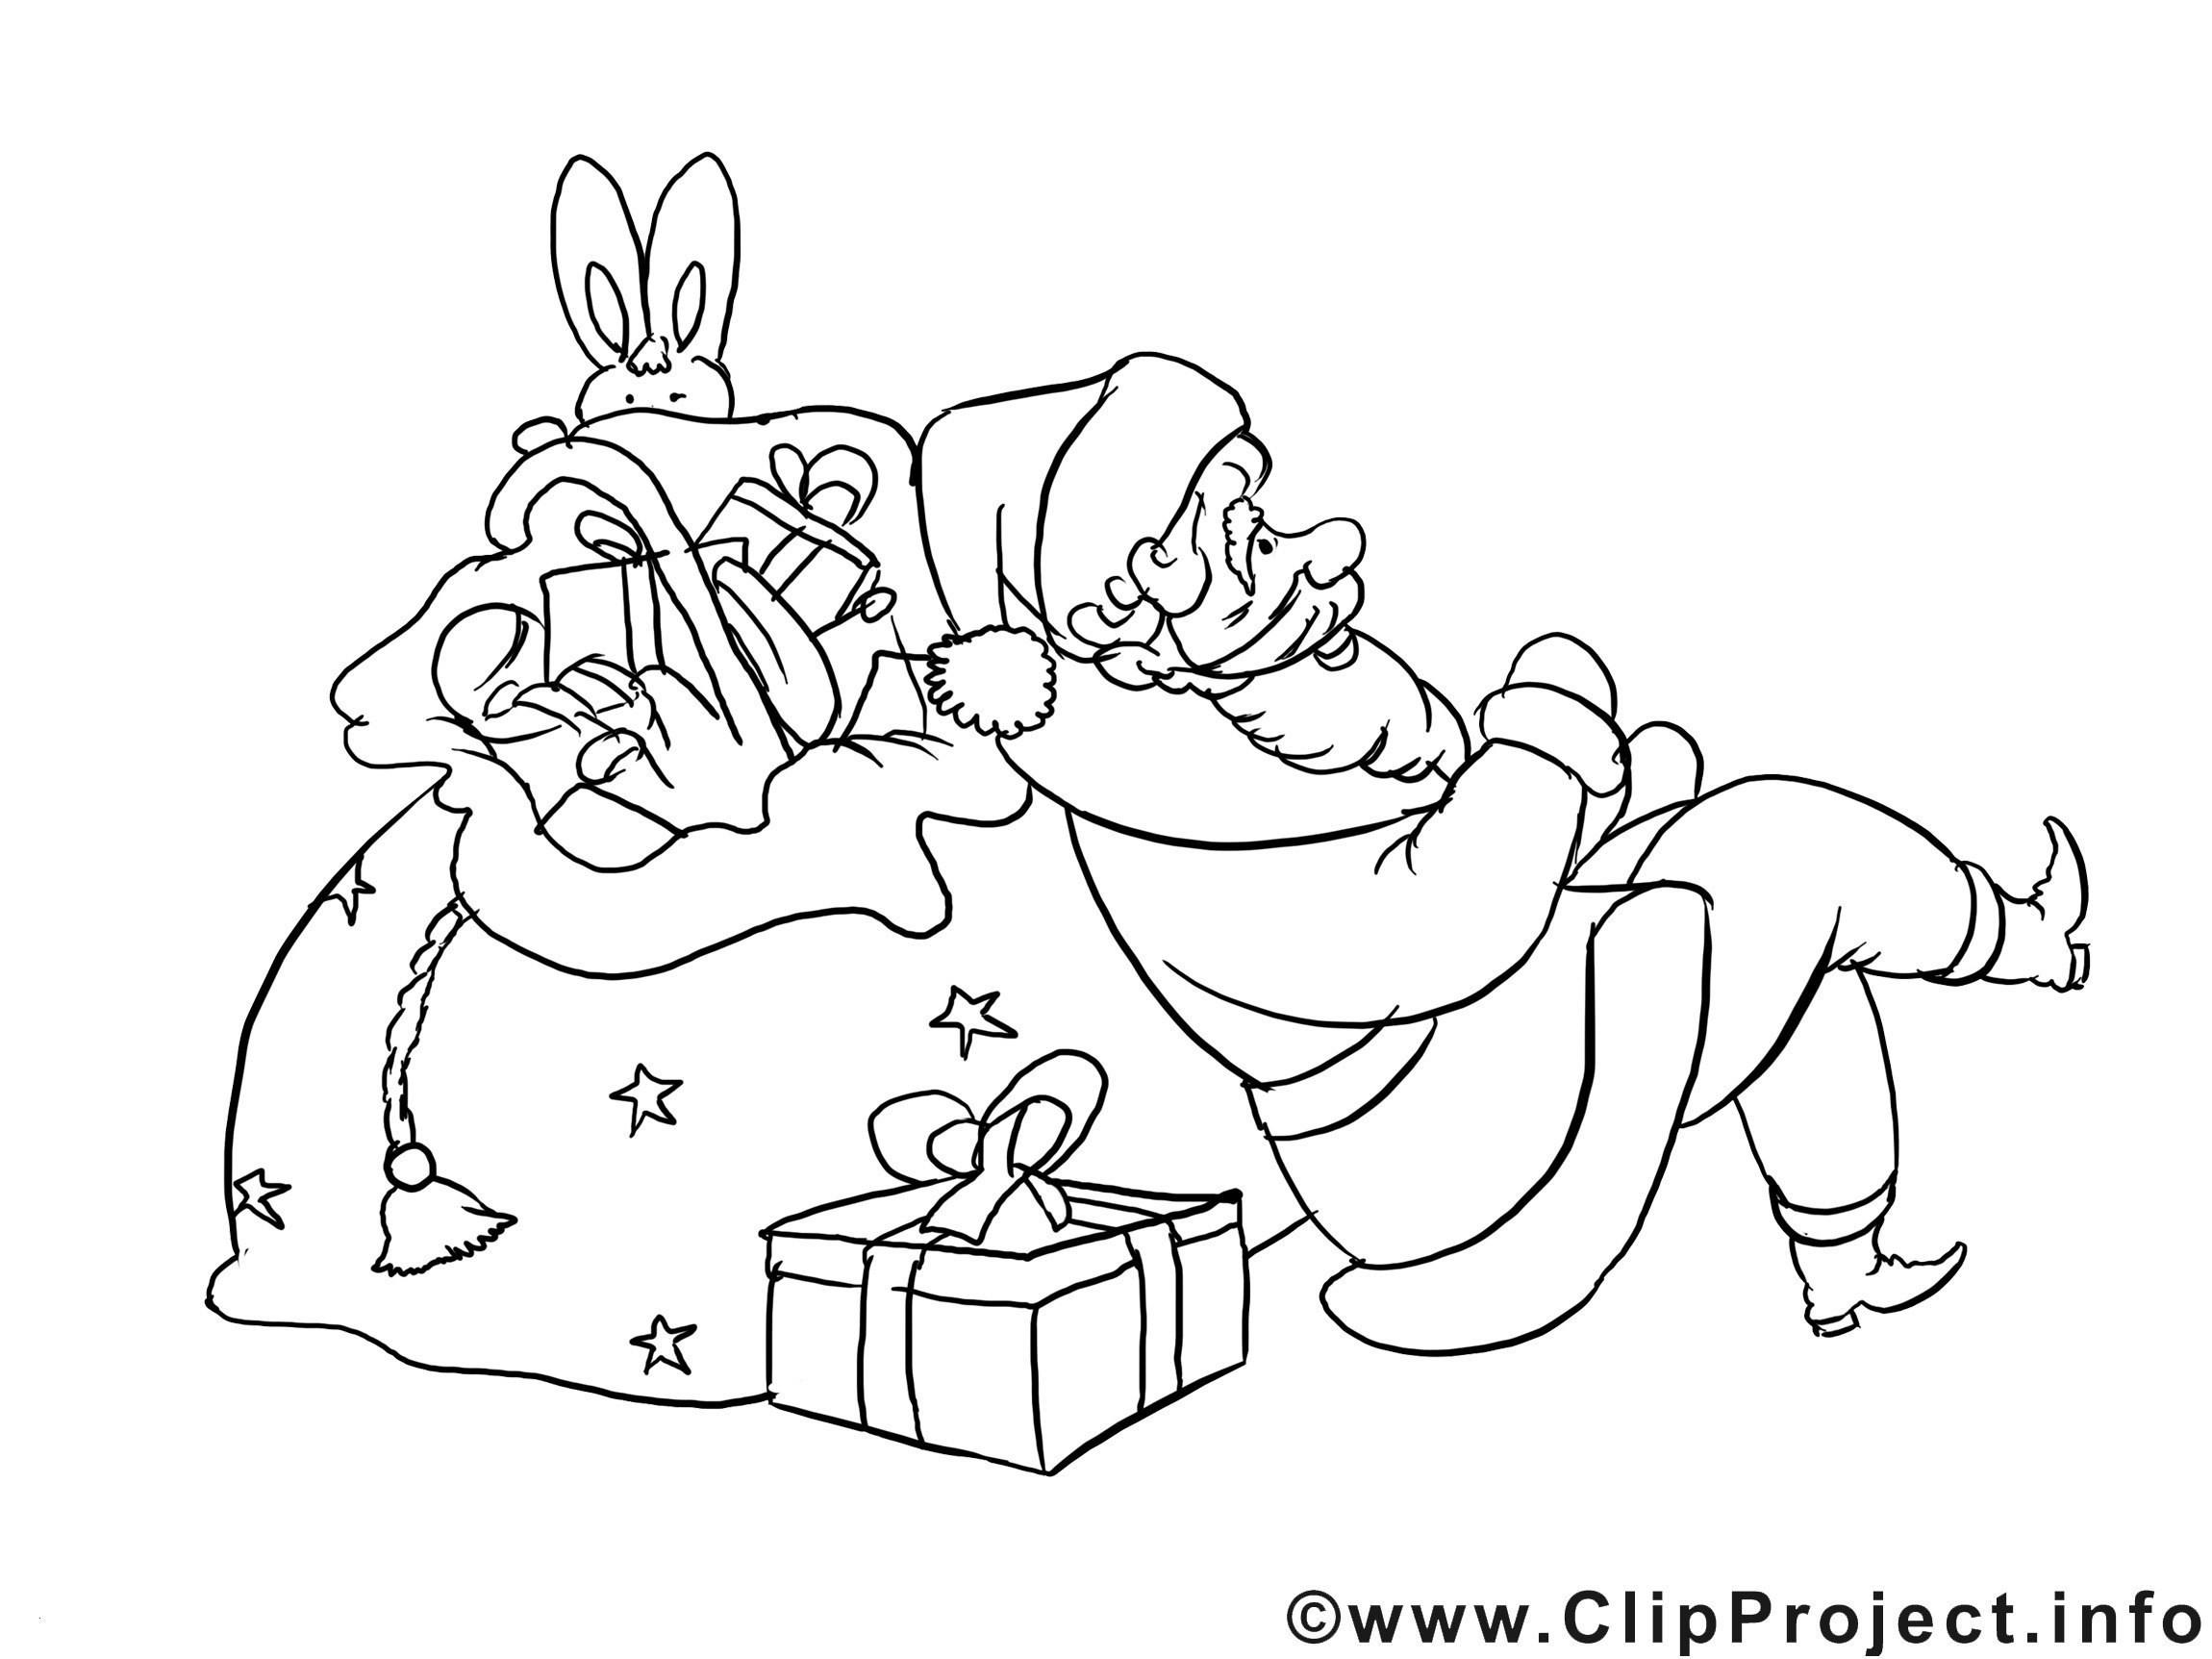 Ausmalbilder Weihnachtsmann Inspirierend Bilder Zum Ausmalen Weihnachtsmann Sammlung